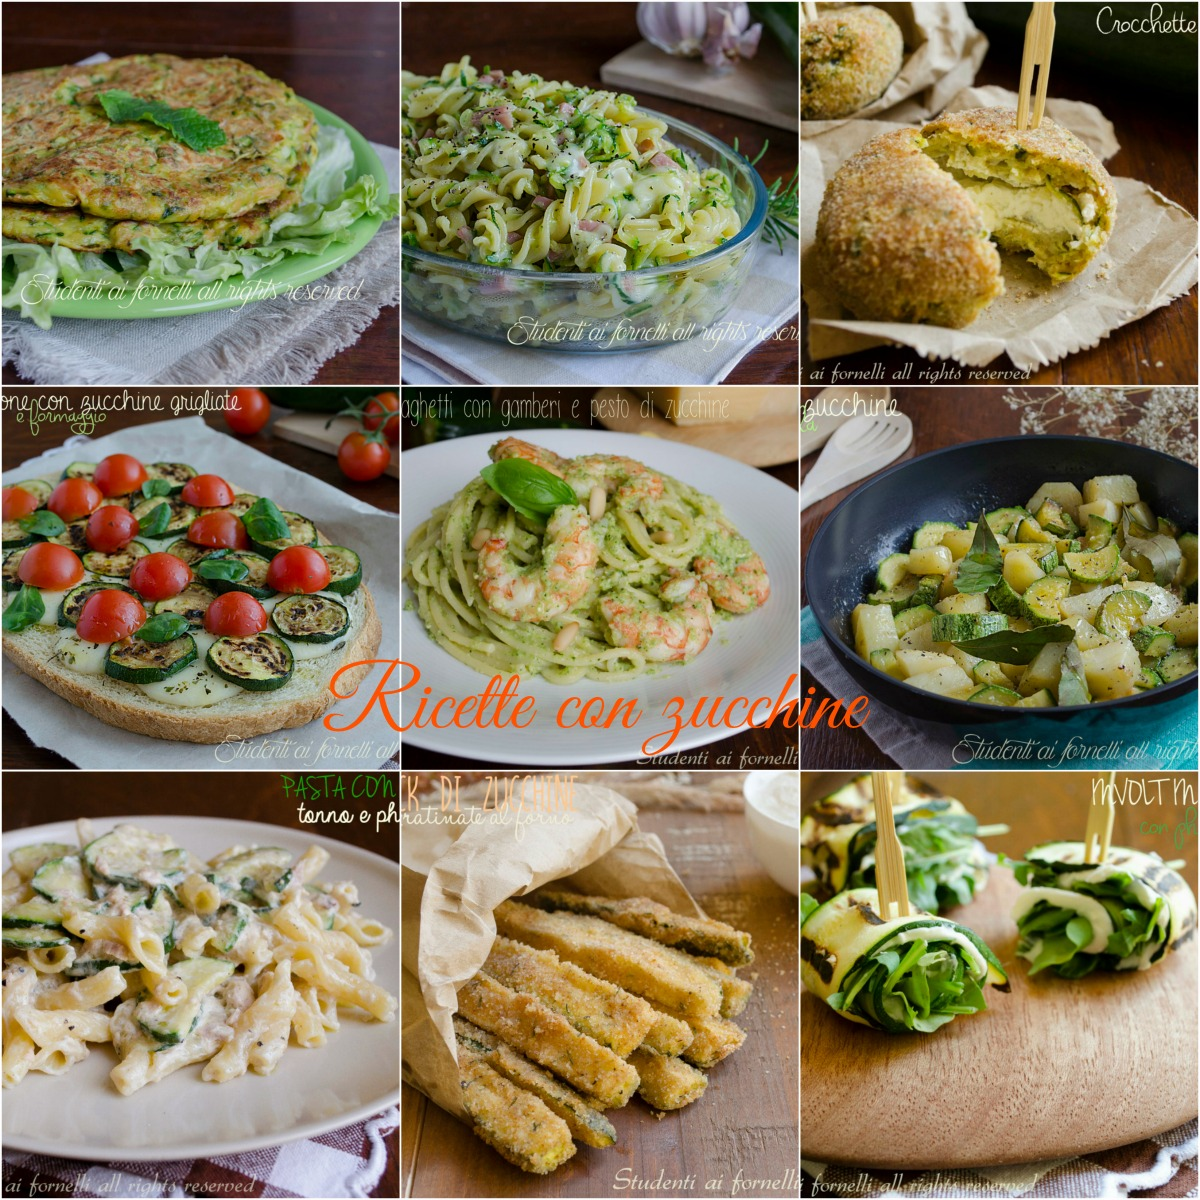 raccolta di ricette con le zucchine ricette facili e veloci